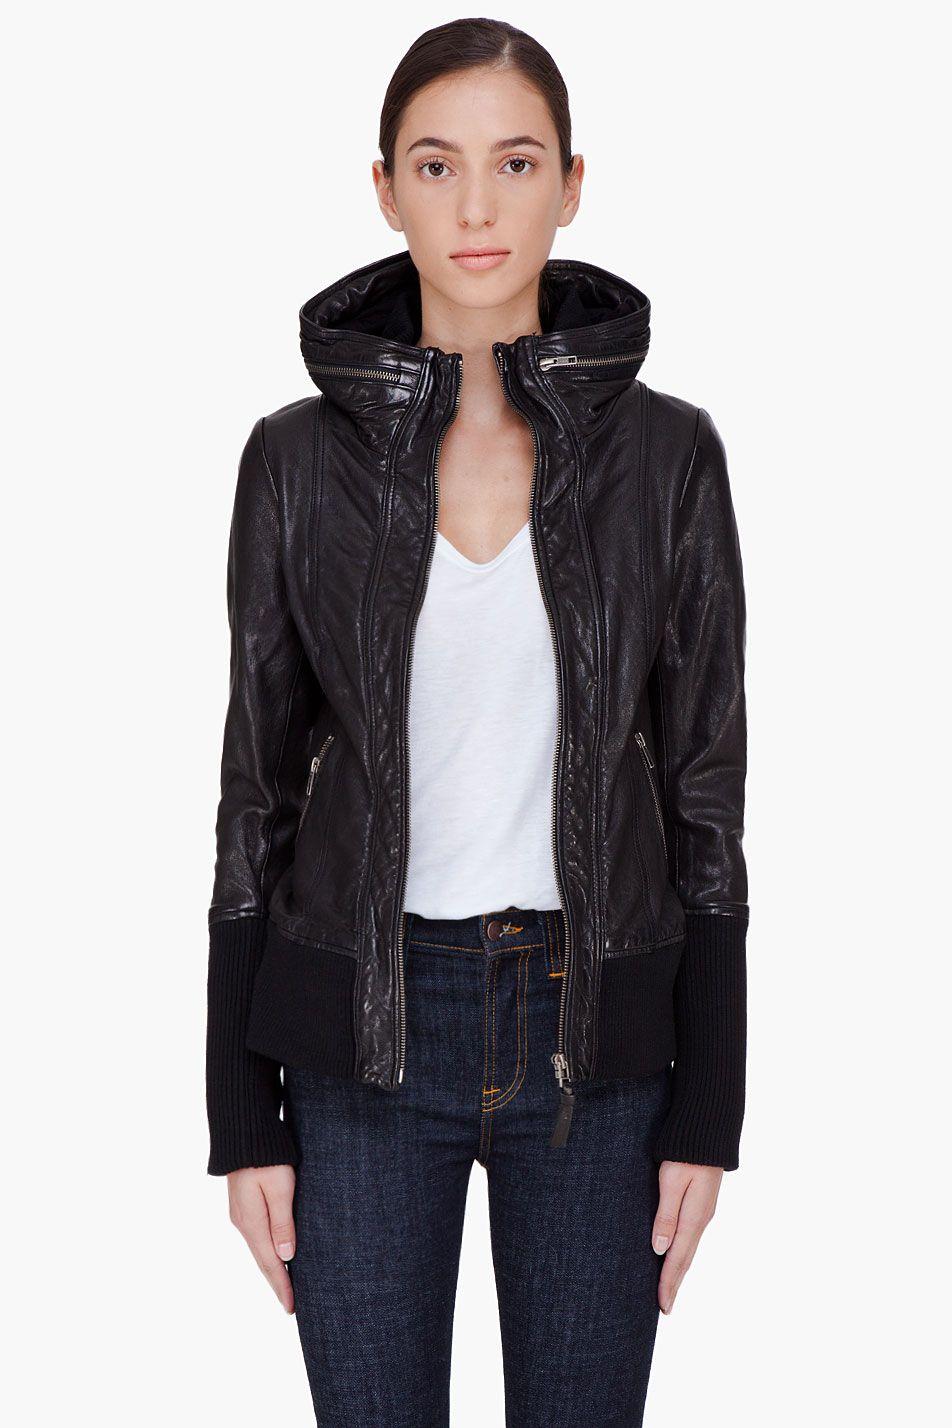 MACKAGE Black Hooded Leather Jacket Ensemble Leather